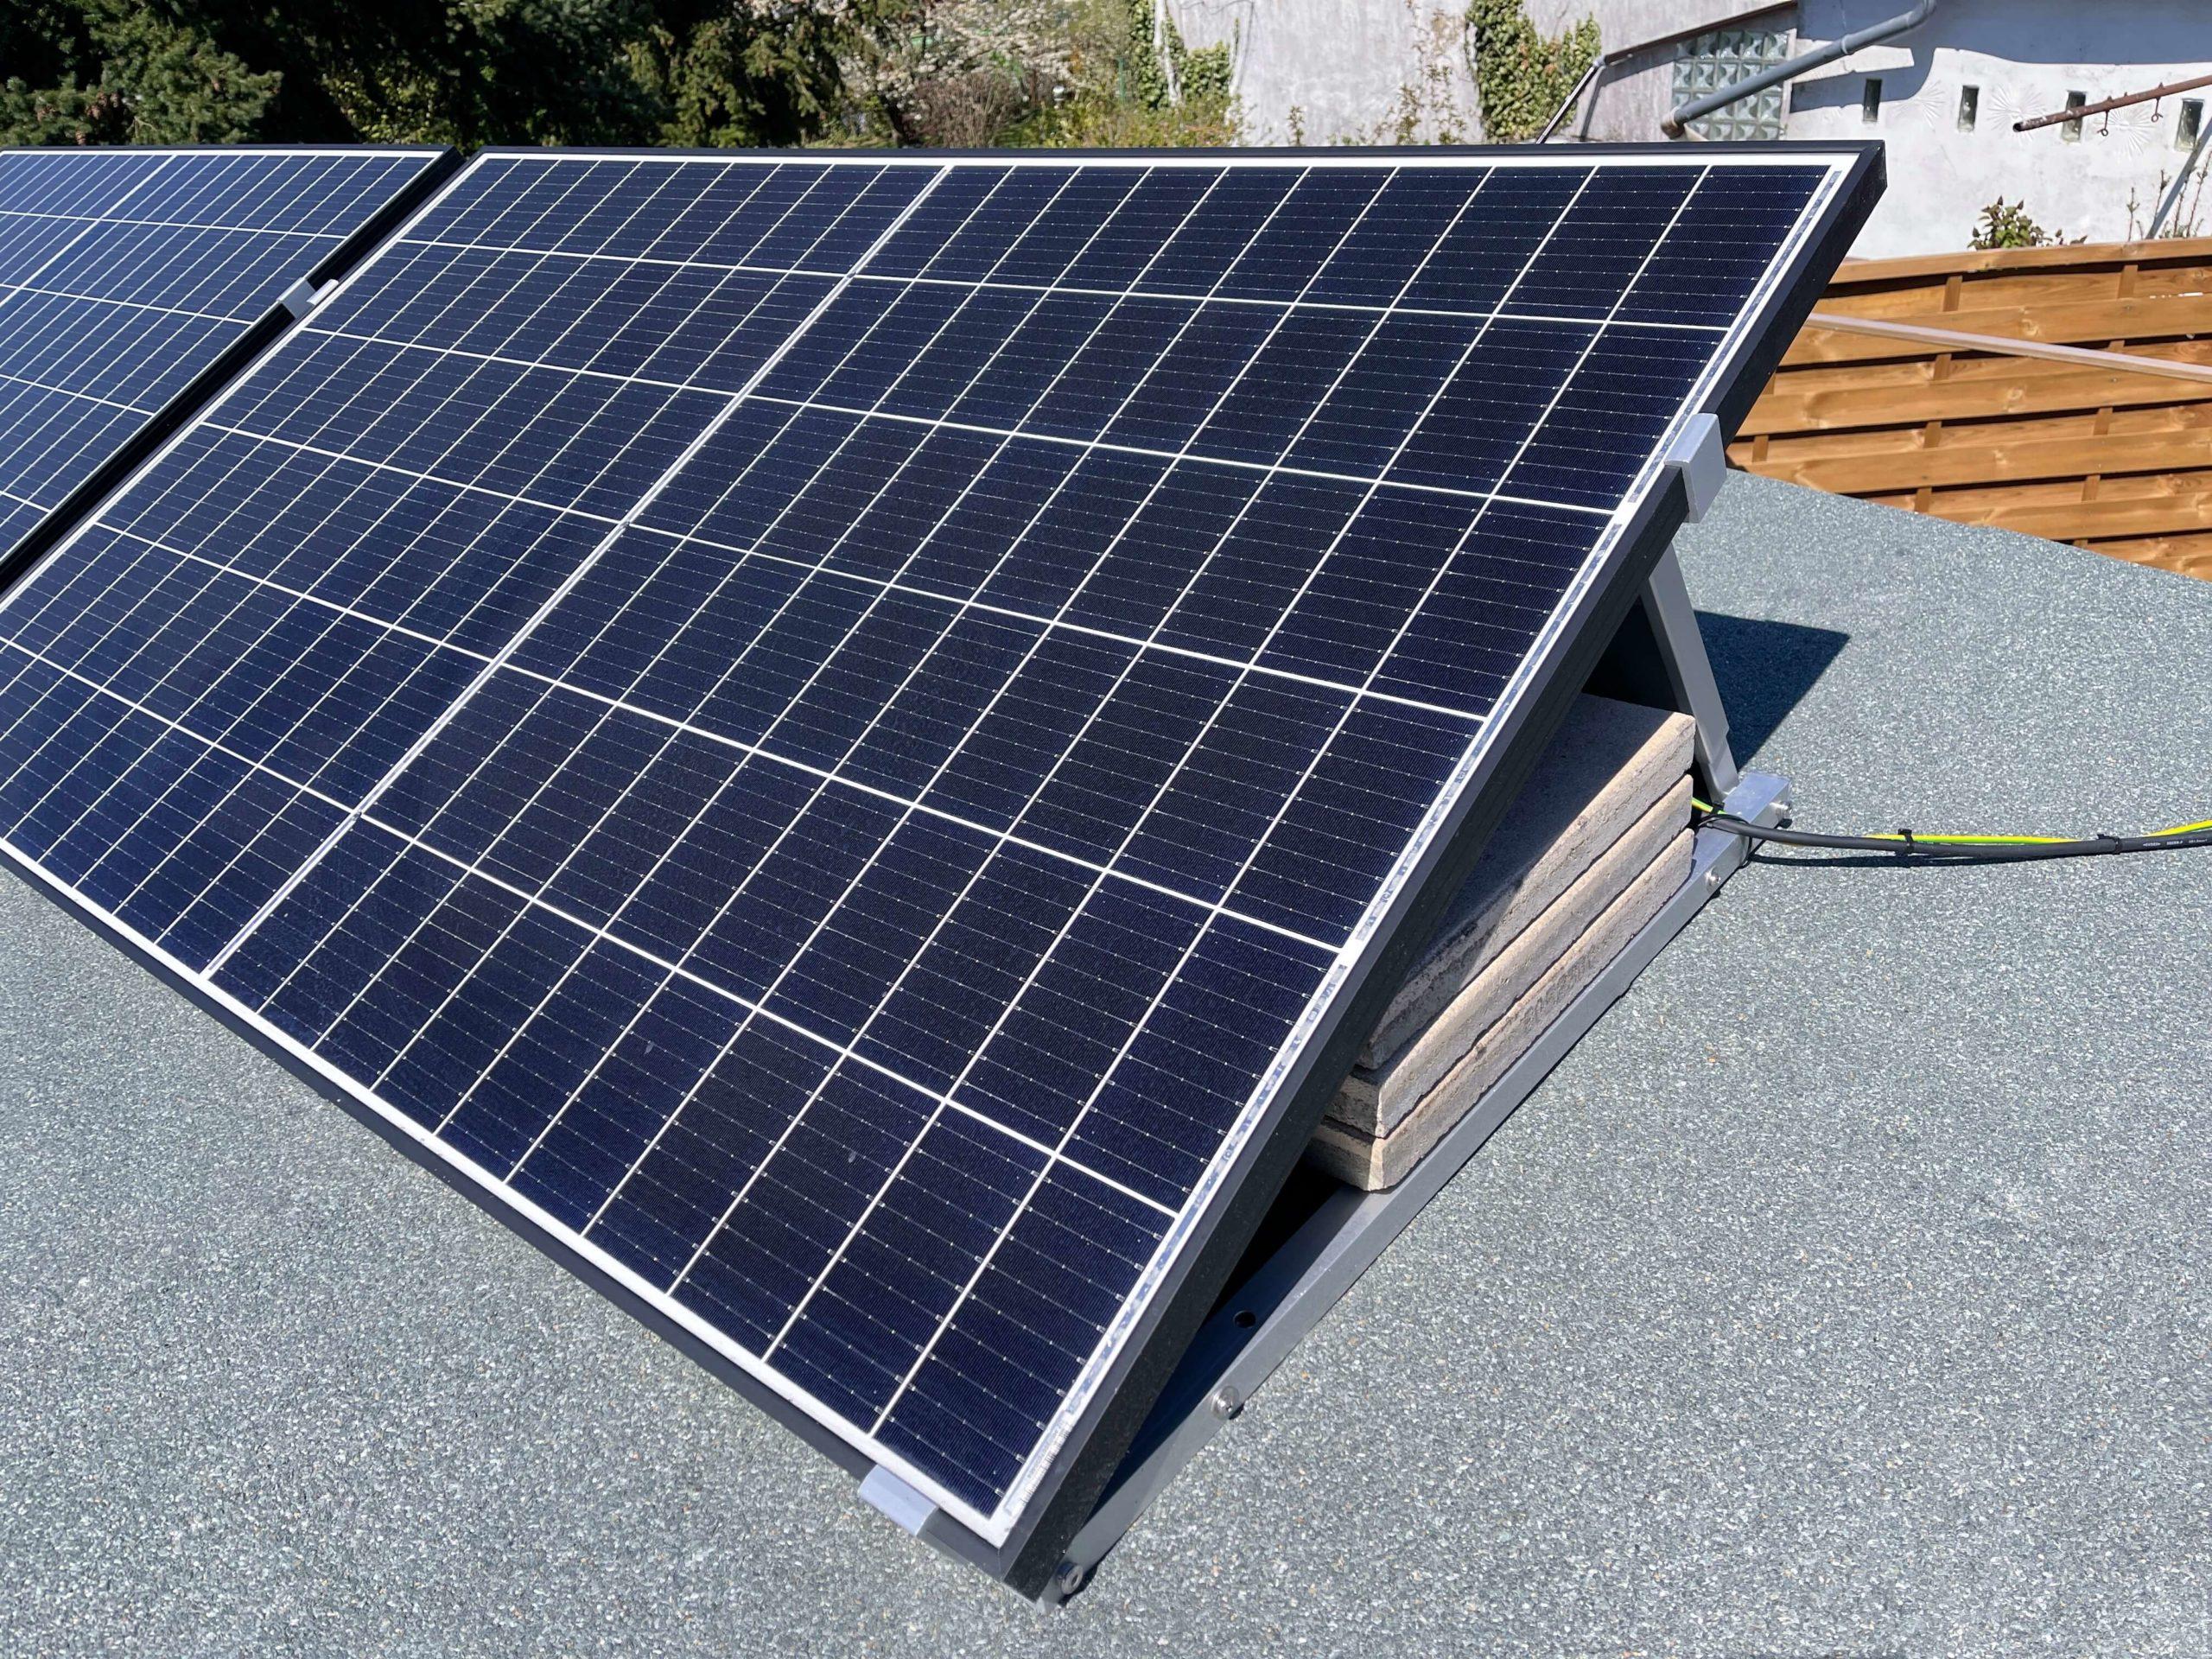 Solarstrom-fuer-das-SmartHome-selbst-produzieren-und-Geld-sparen20-scaled Solarstrom für das SmartHome - Grundverbauch selbst produzieren und Geld sparen